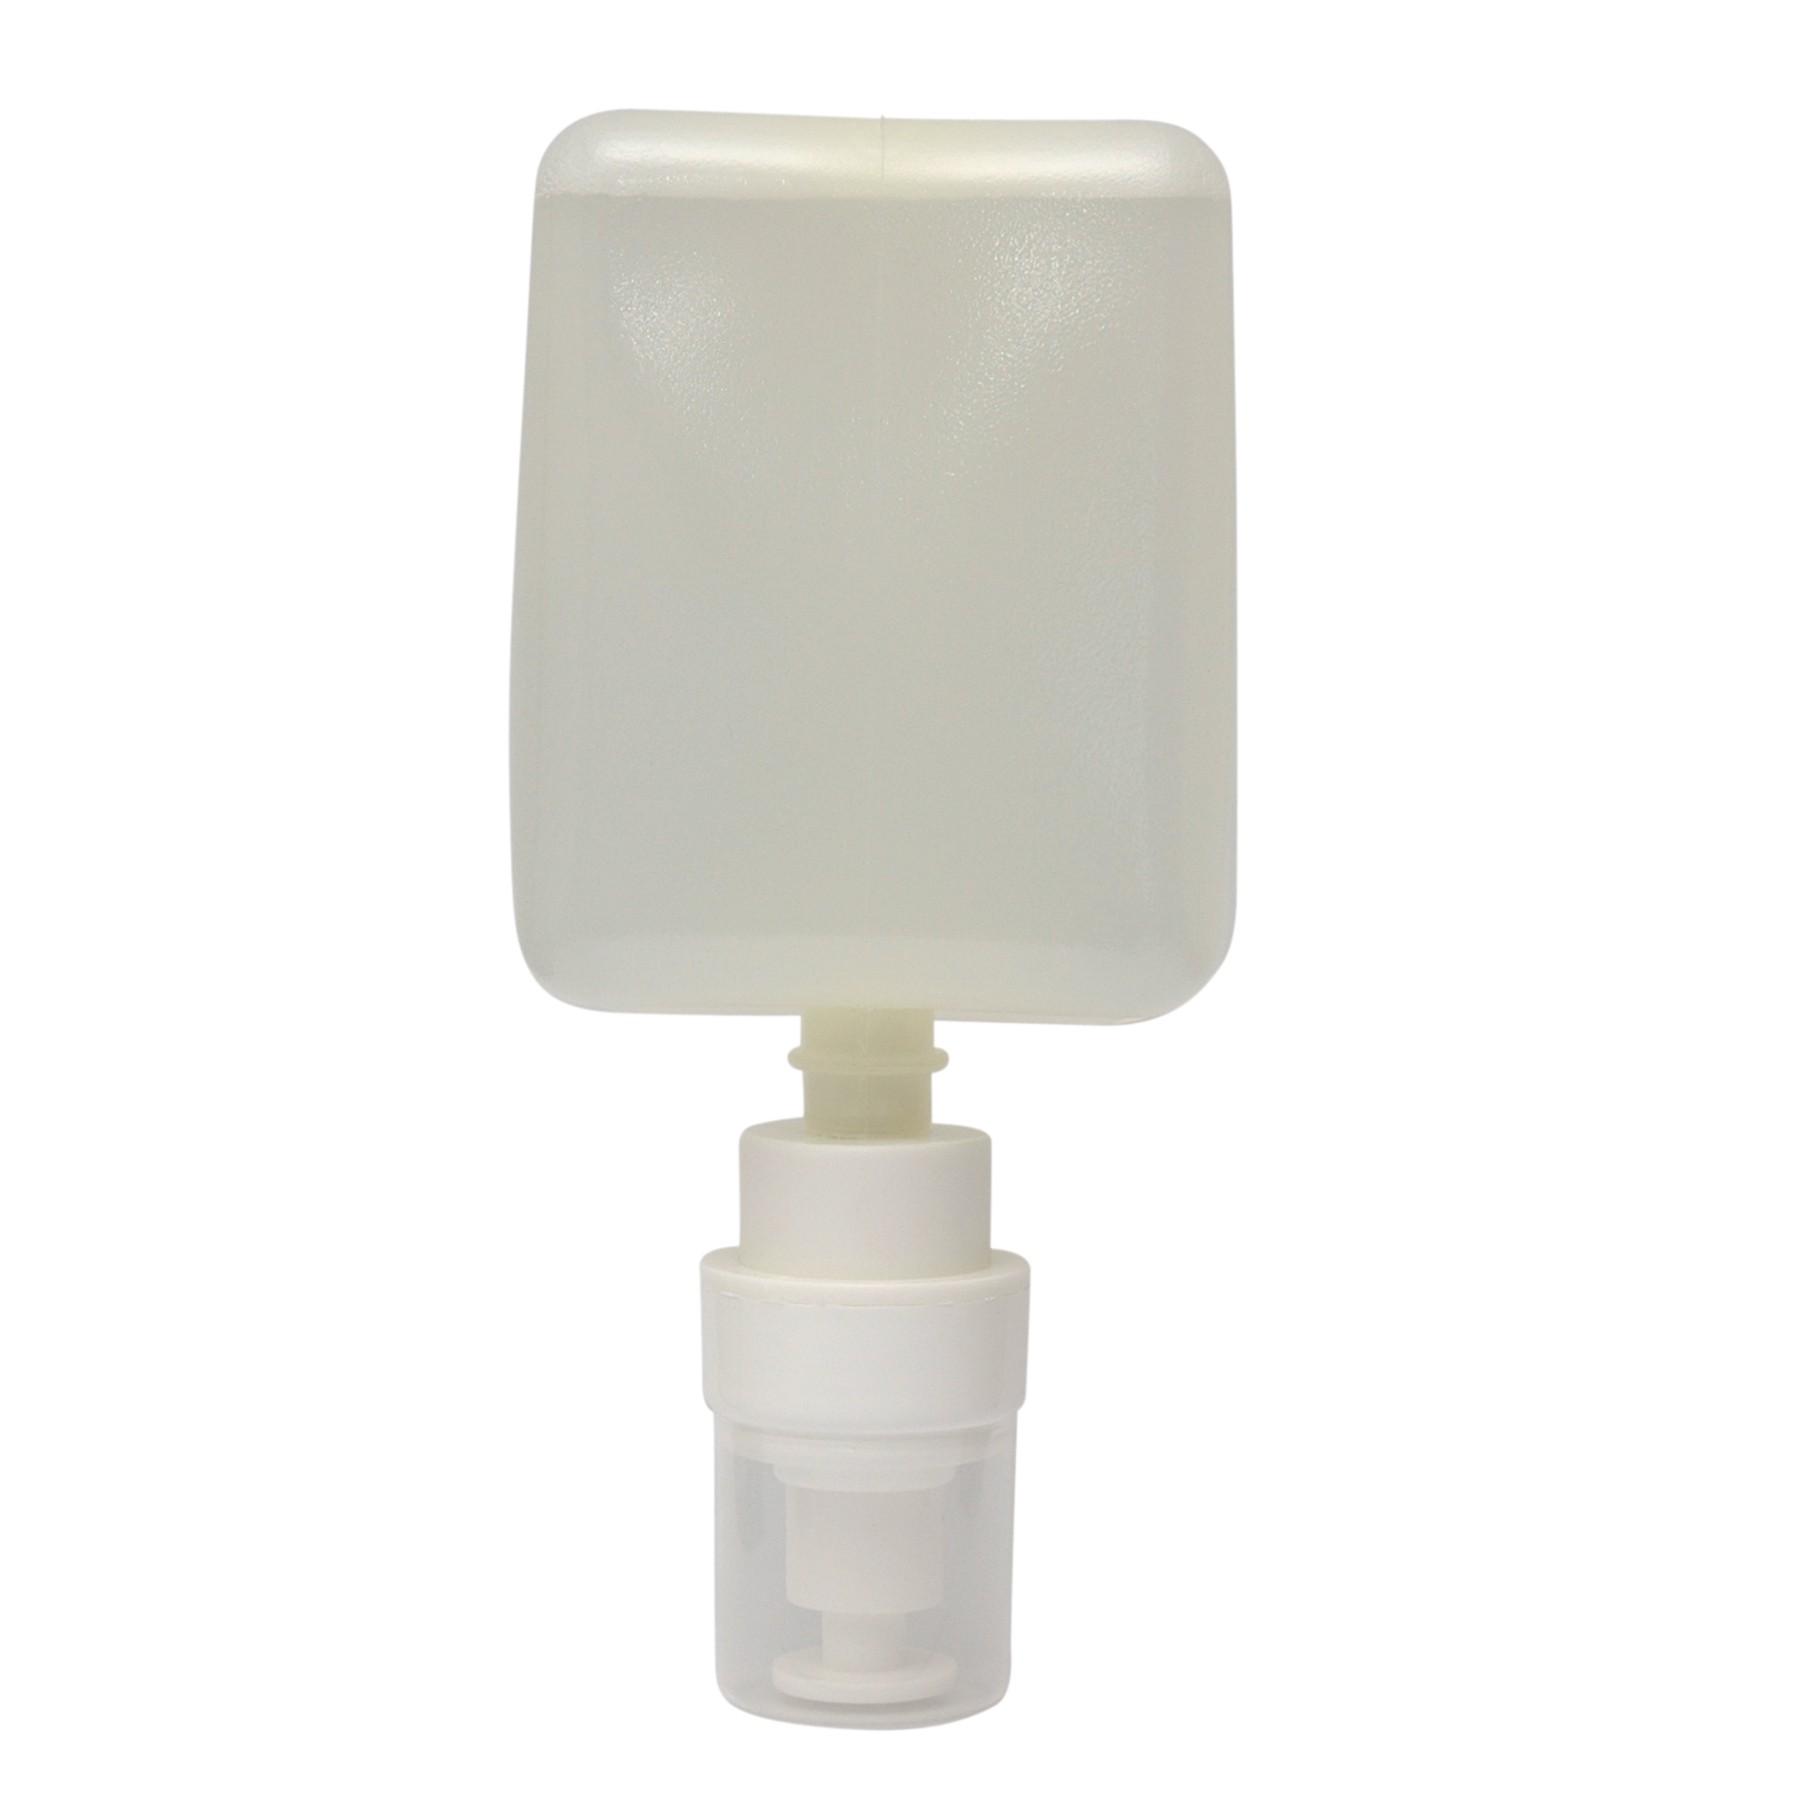 Pearl Antibac zeep is een ongeparfumeerde hygienische foam zeep, inhoud 1000 ml